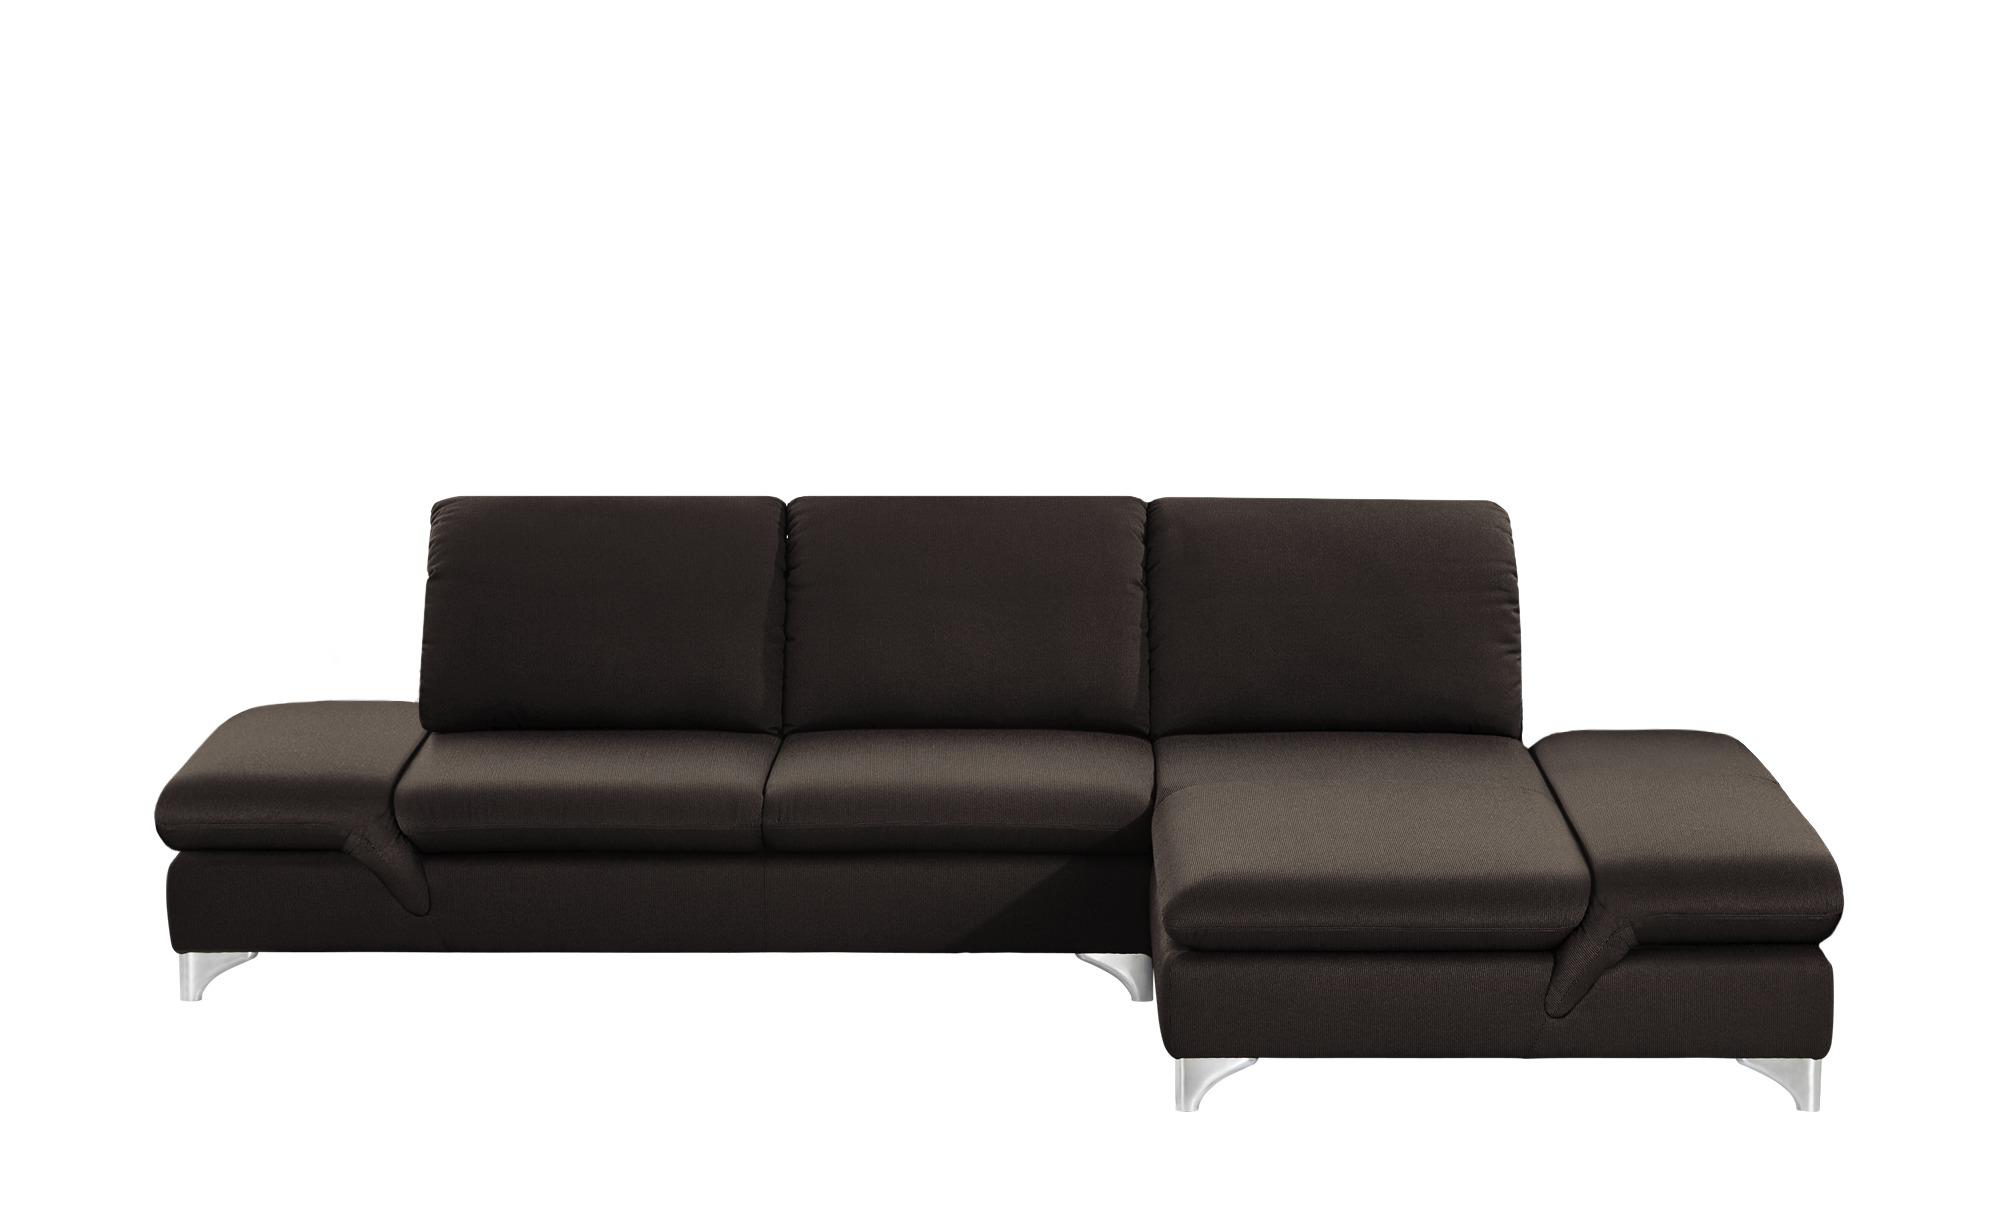 Ecksofa saraa breite h he 84 cm braun online kaufen bei for Ecksofa breite 200 cm